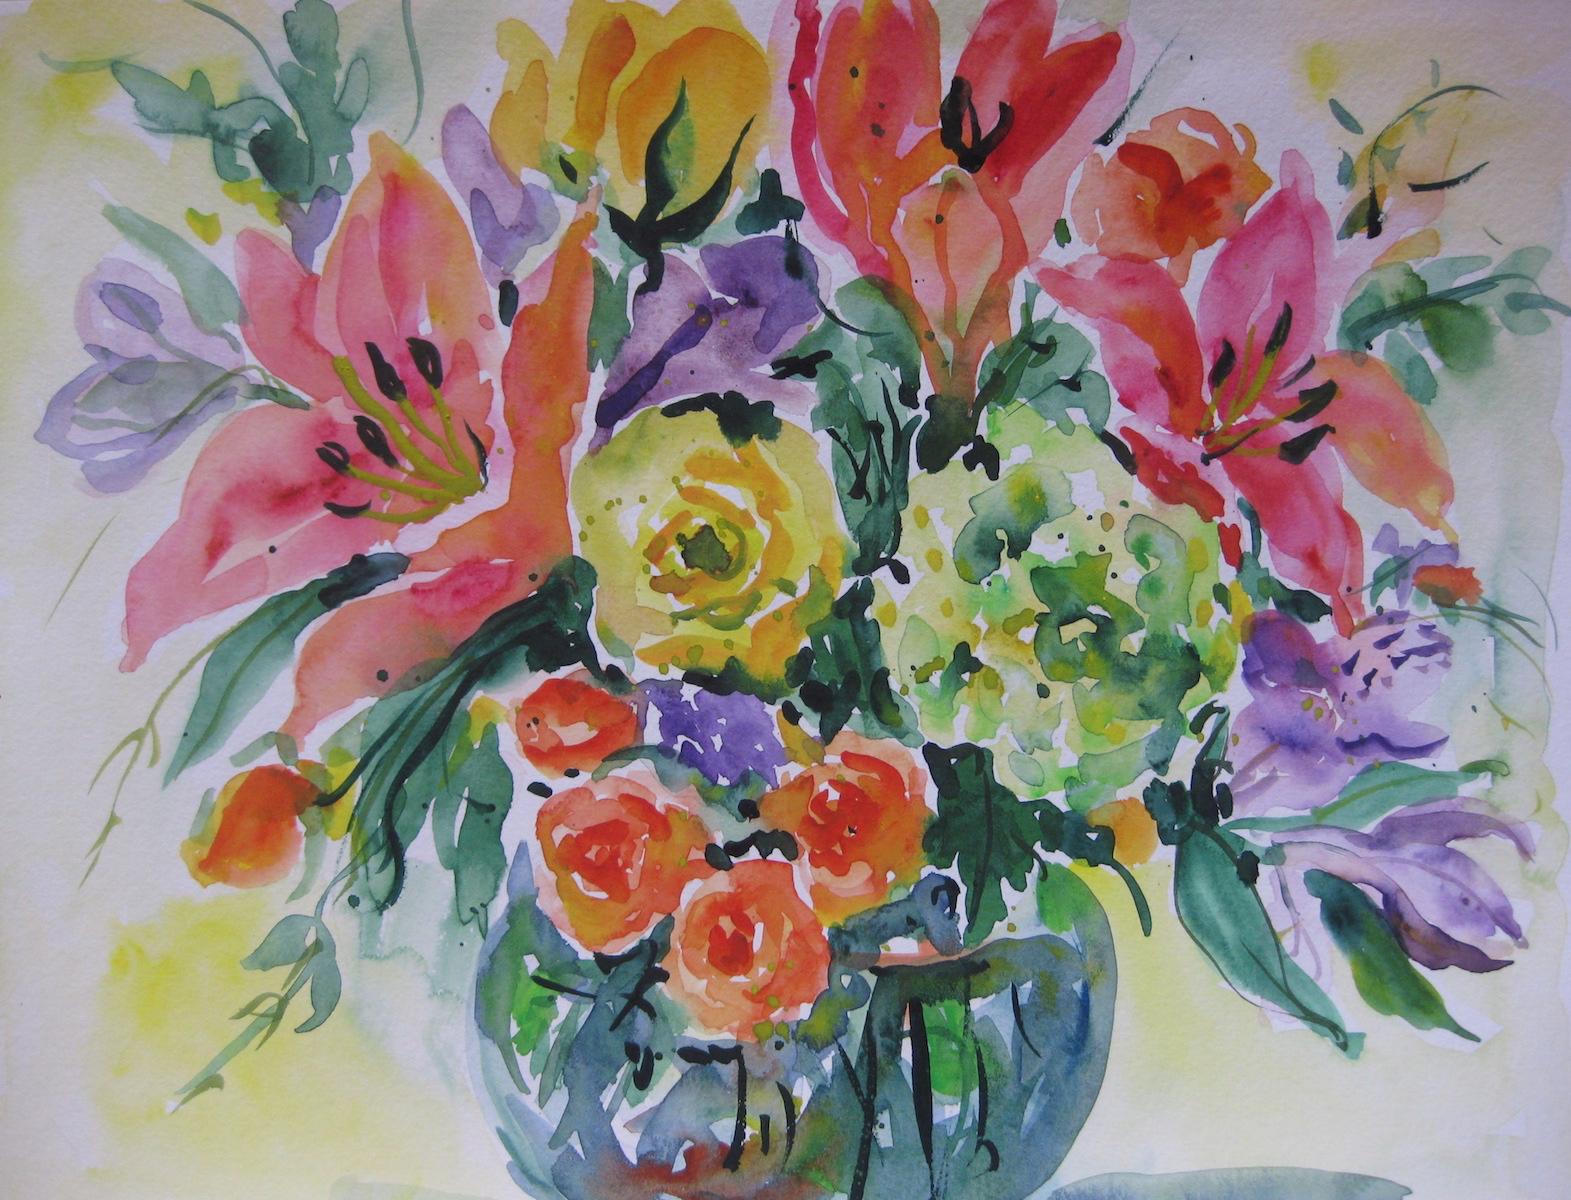 Watercolor Study III